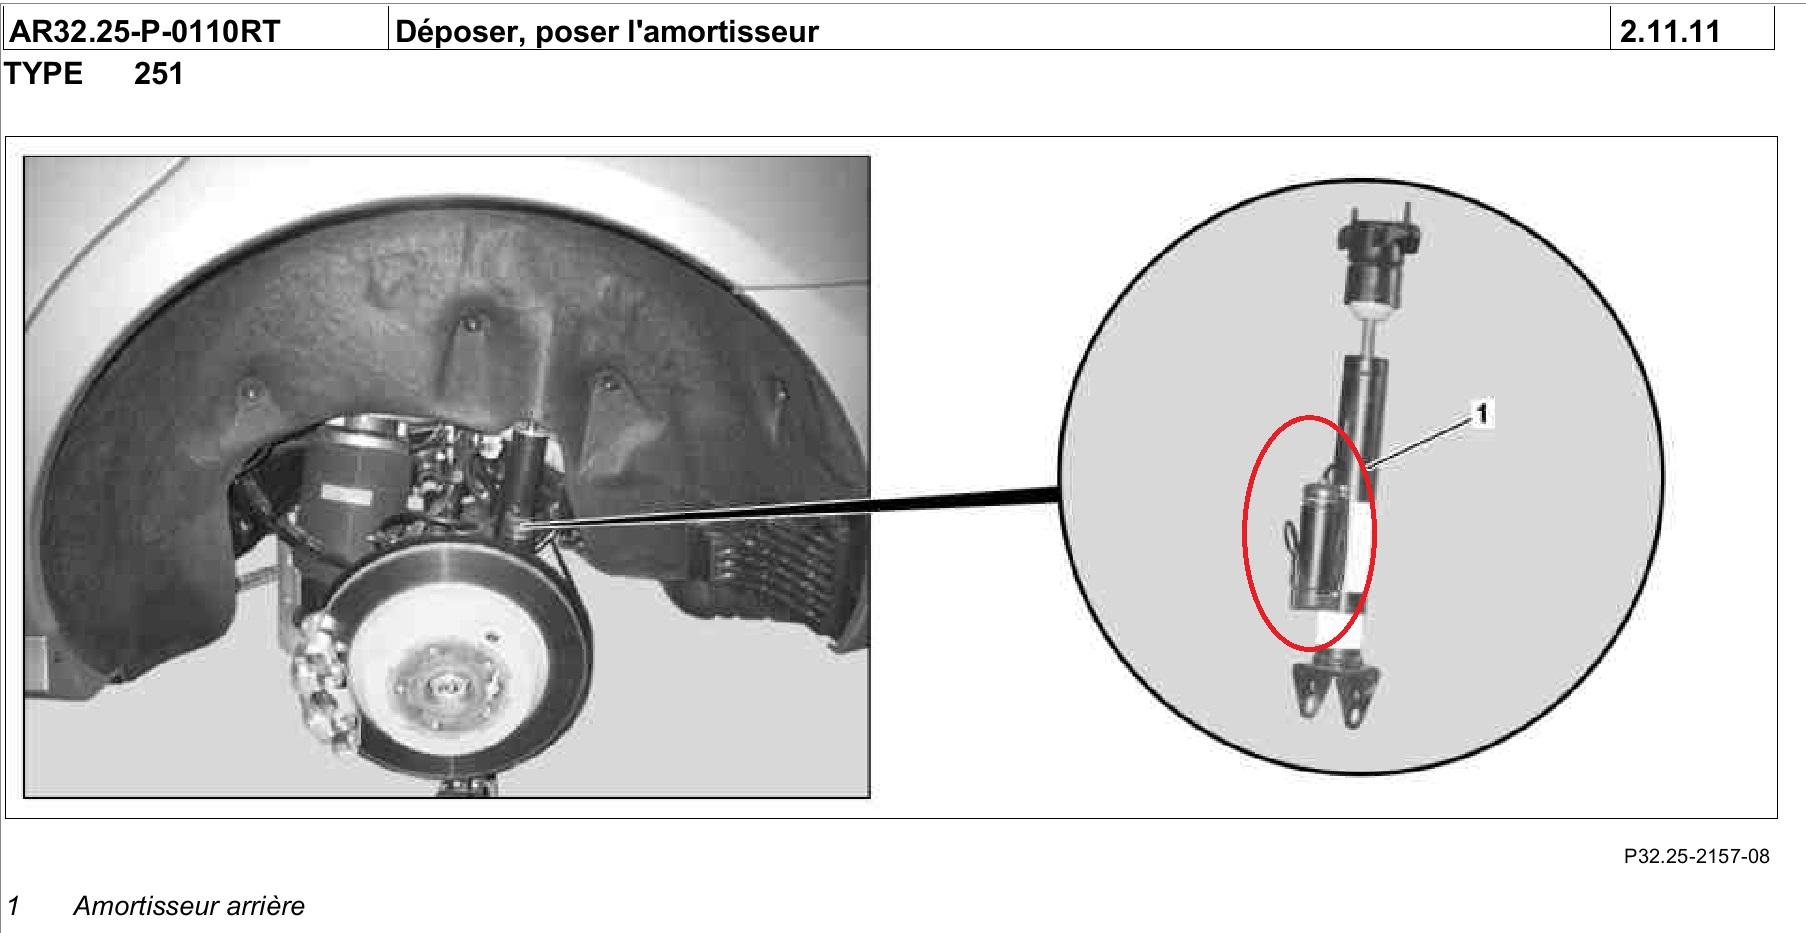 suspension-arriere-w251-ads-2-.jpg